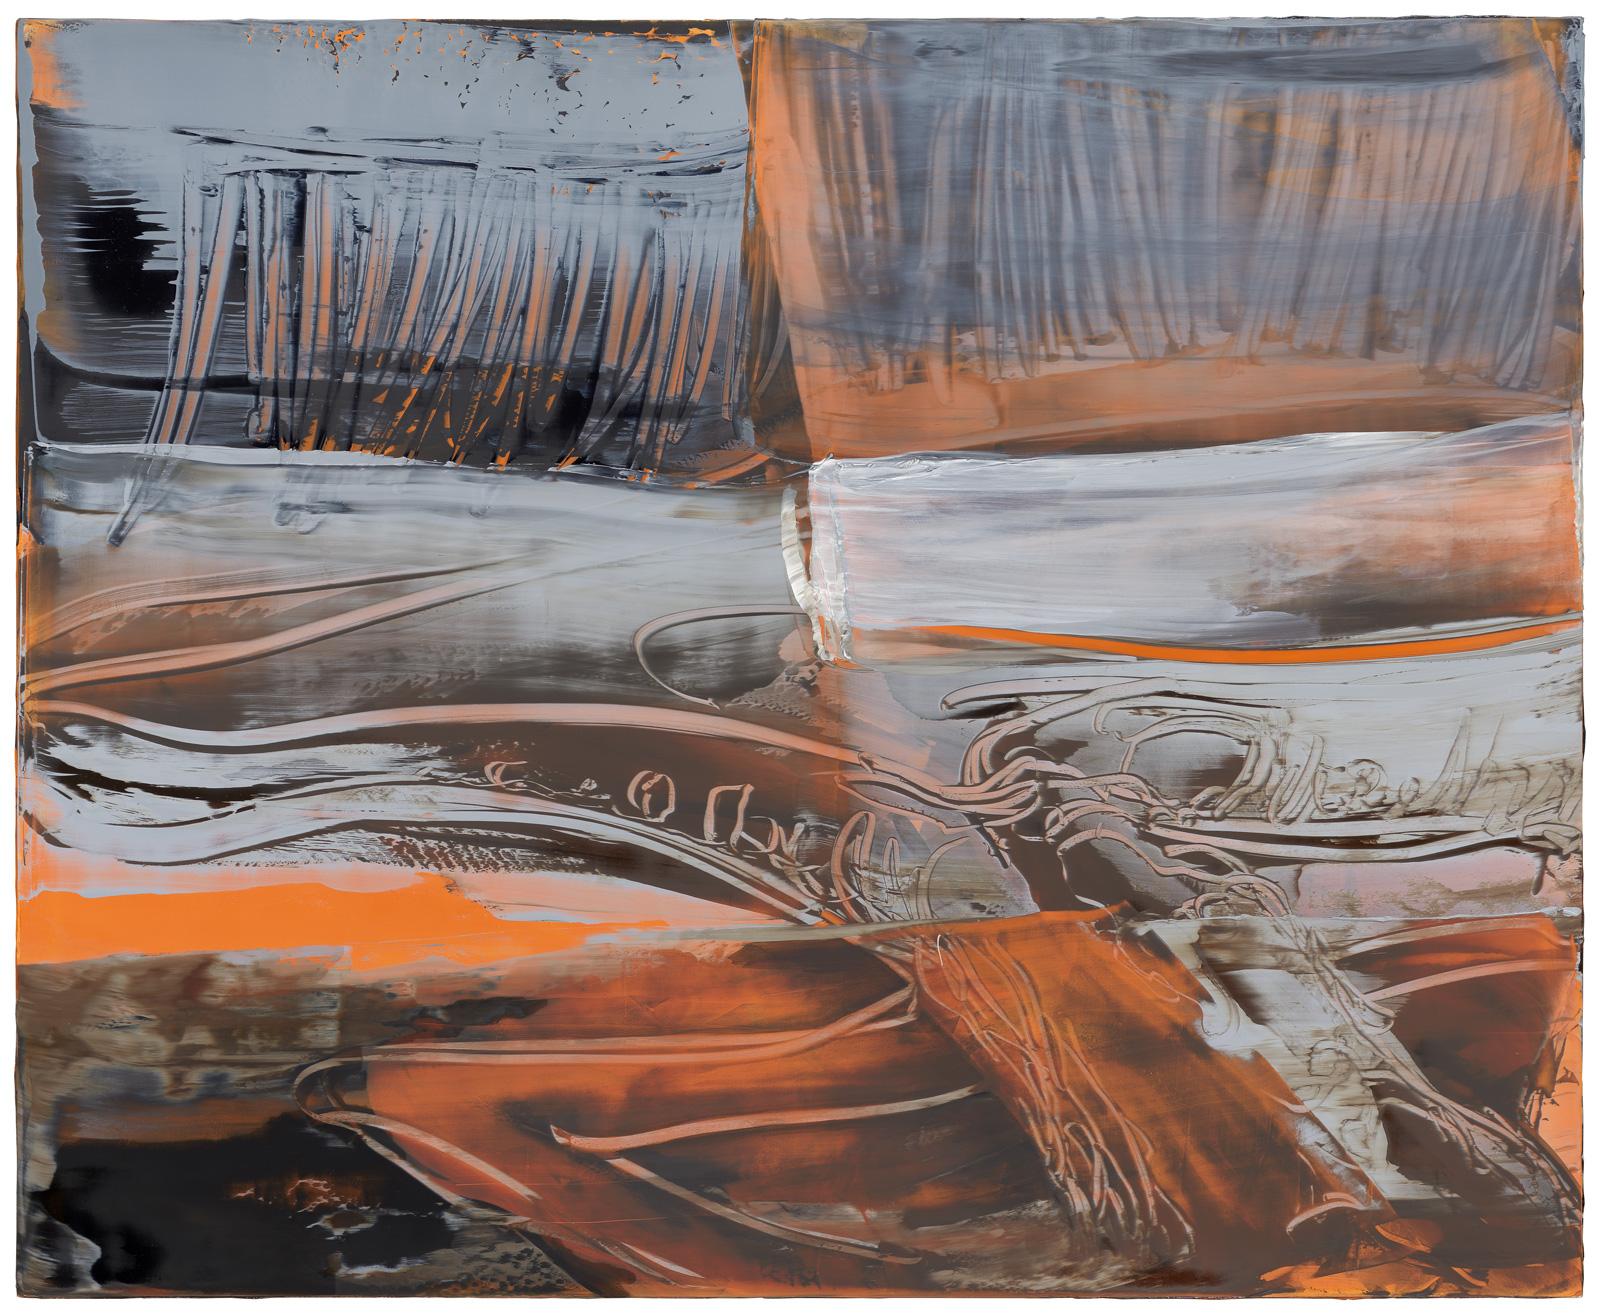 Medena, Öl auf Holz, 85x104cm, 2019